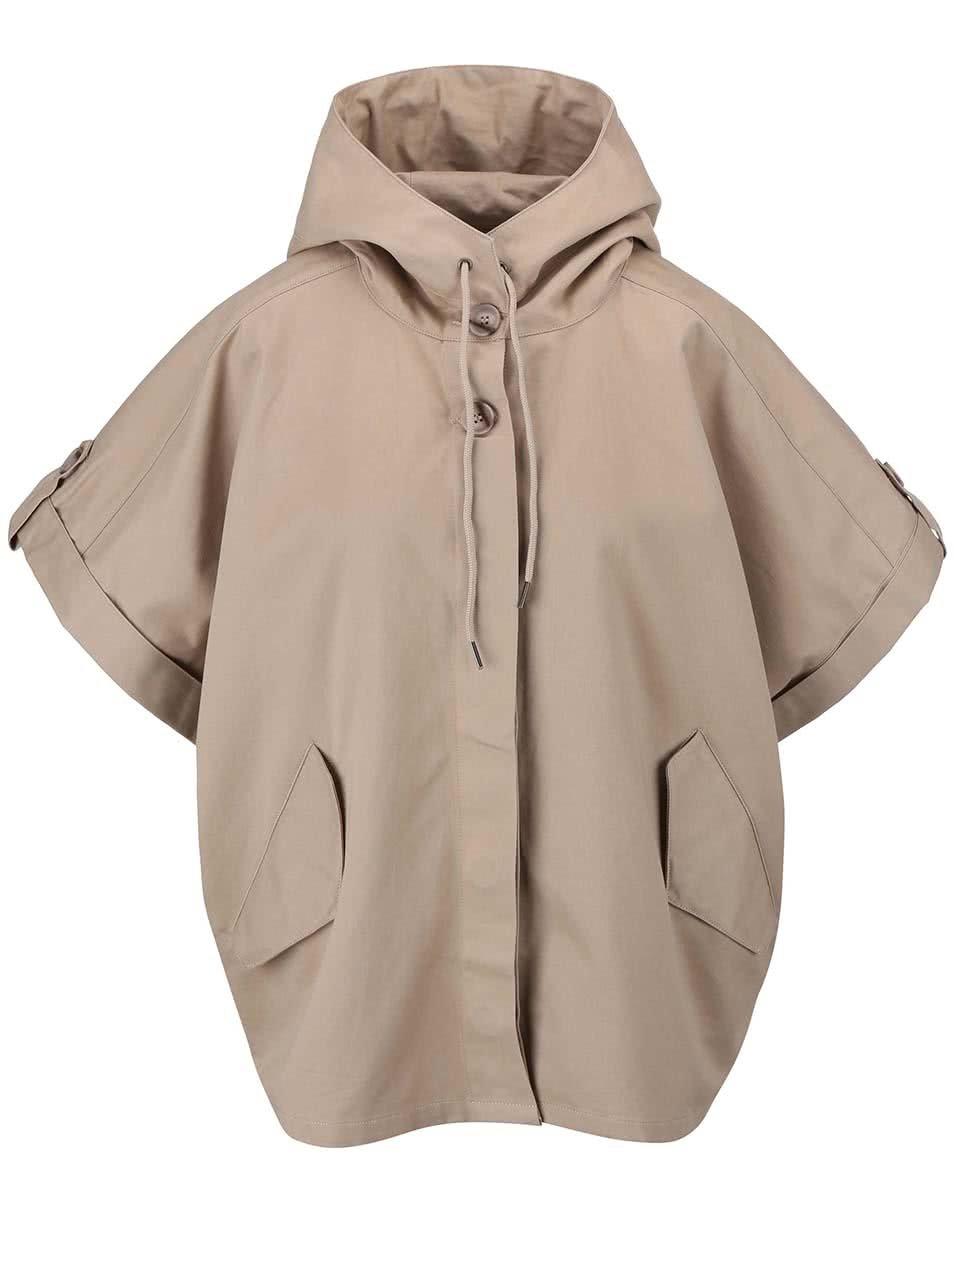 Béžový oversized kabát s kimonovými rukávy YAYA